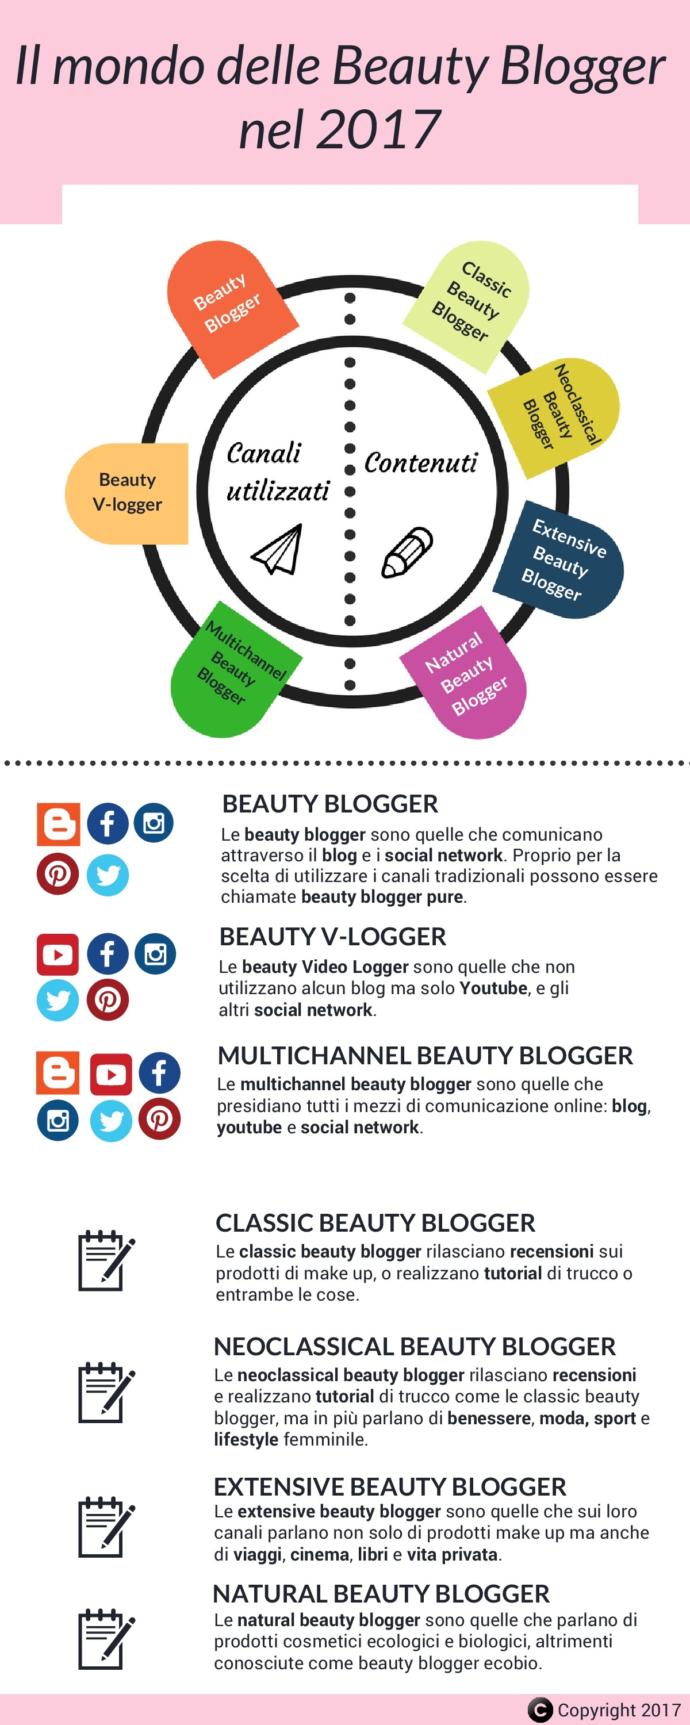 Il-mondo-delle-Beauty-Blogger-nel-20173-9-001-690x1725